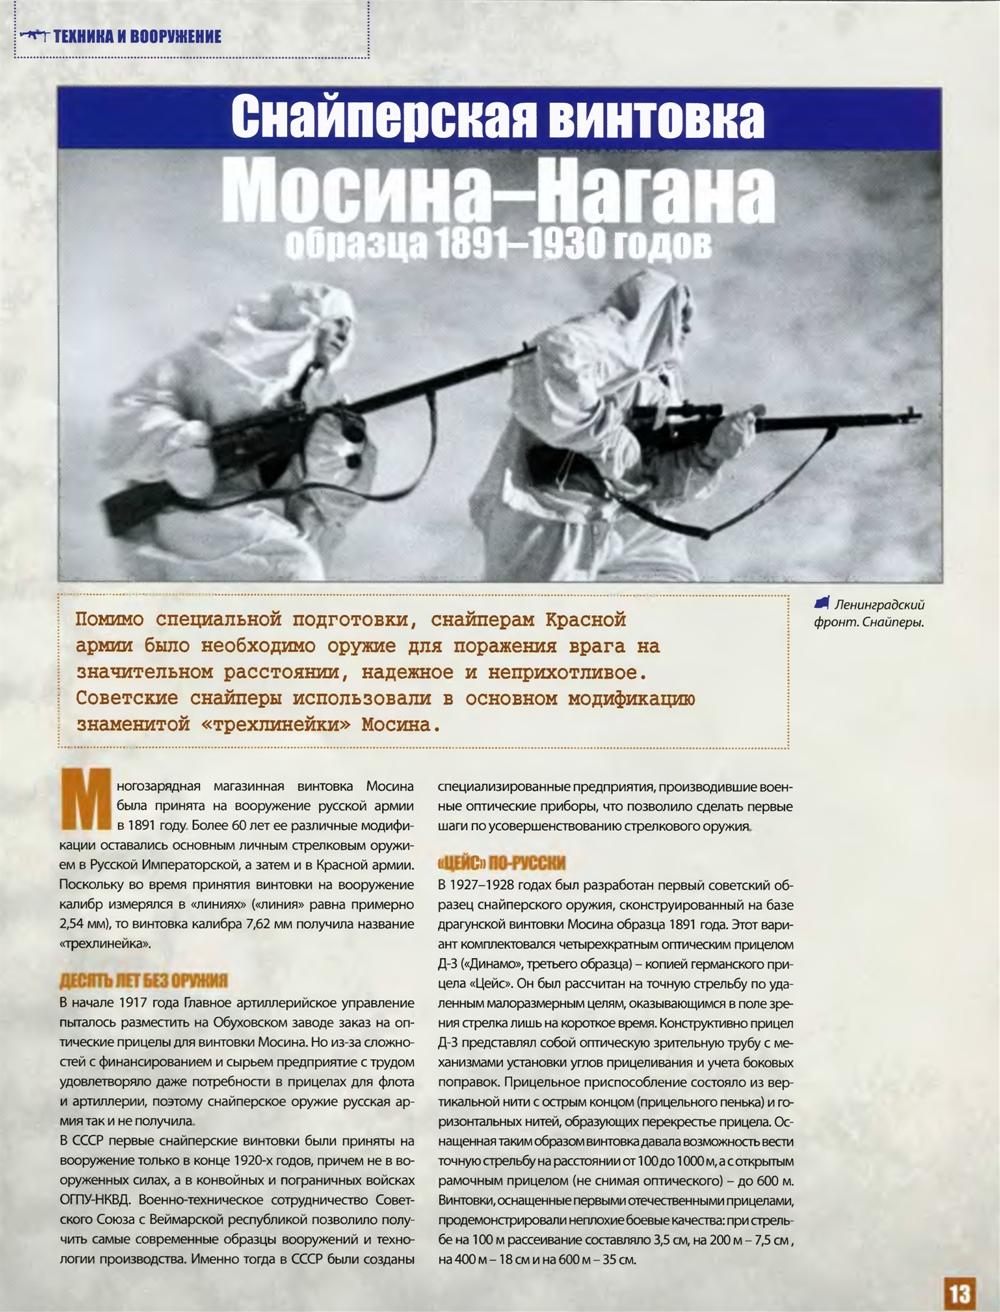 http://s5.hostingkartinok.com/uploads/images/2013/09/4d12737eb6e779e47176975b09850feb.jpg